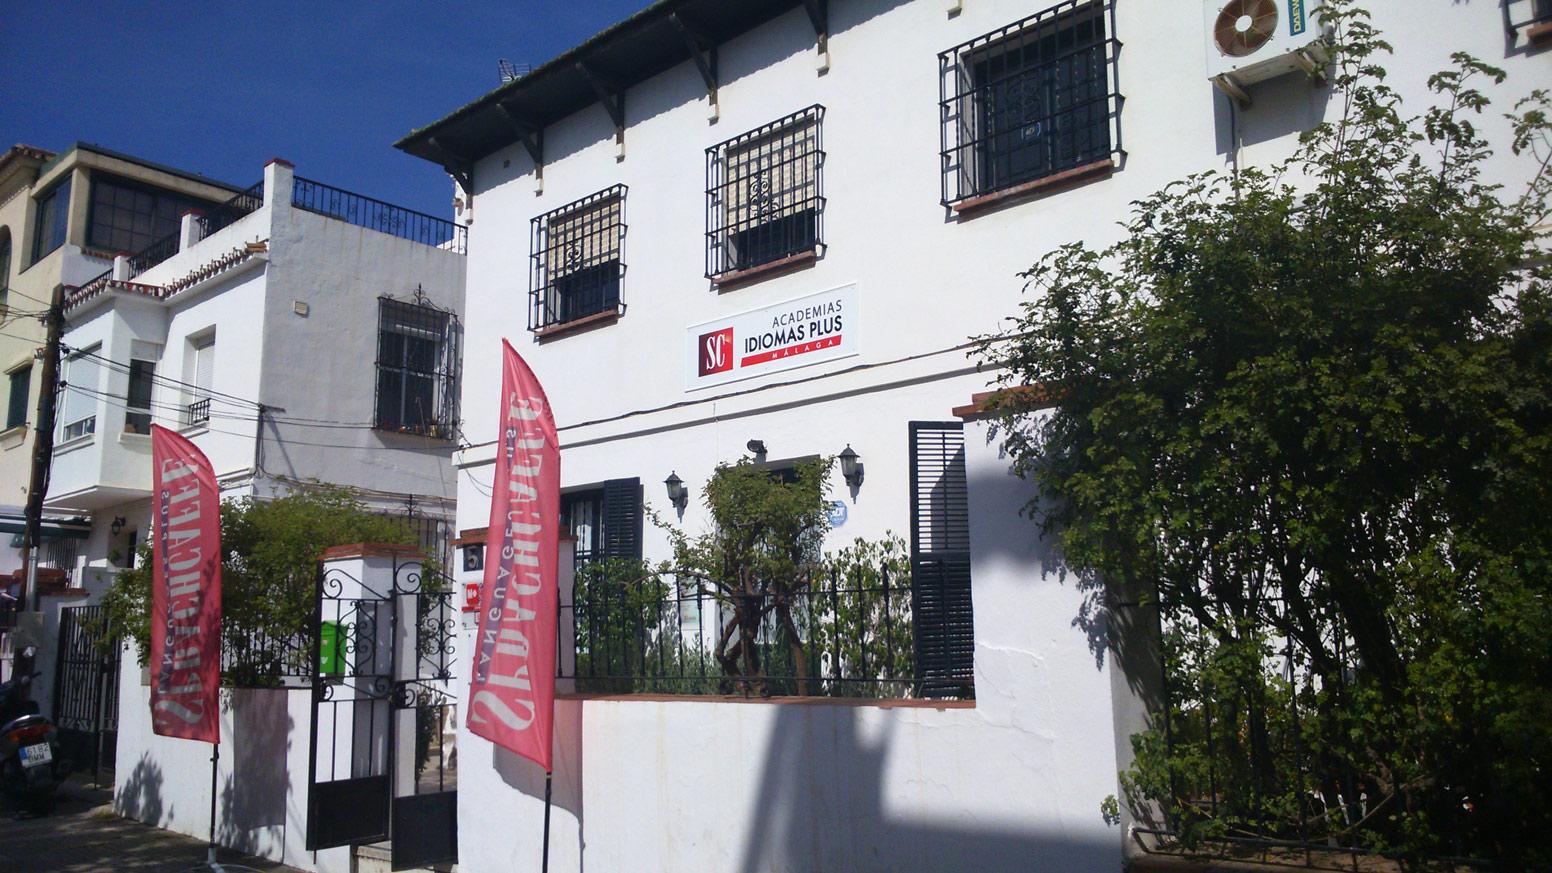 Sprachcaffe-Malaga-ispanyolca-dil-egitimi-okulu-2.JPG